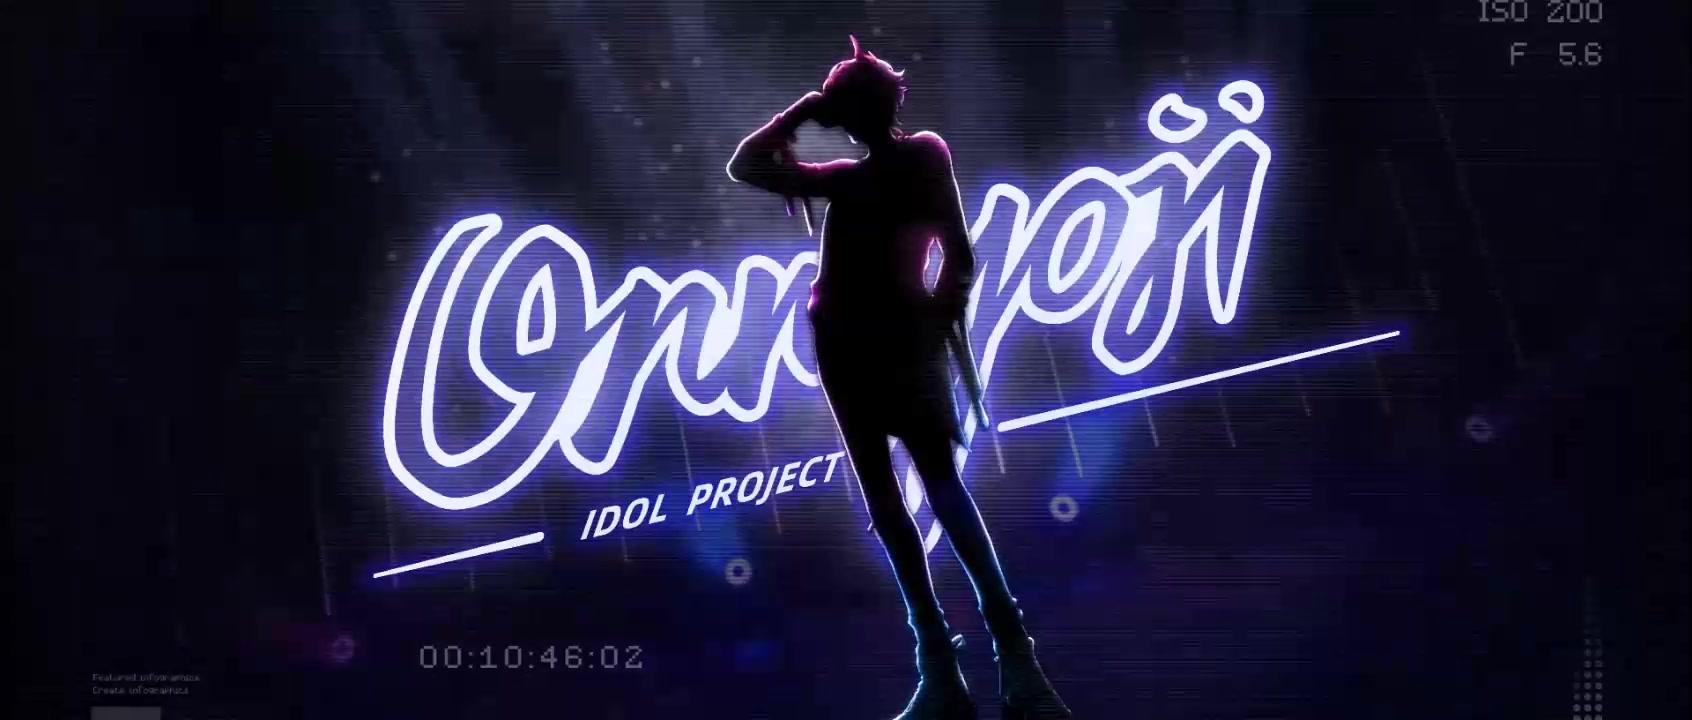 网易阴阳师衍生偶像养成游戏《代号:Onmyoji Idol Project》